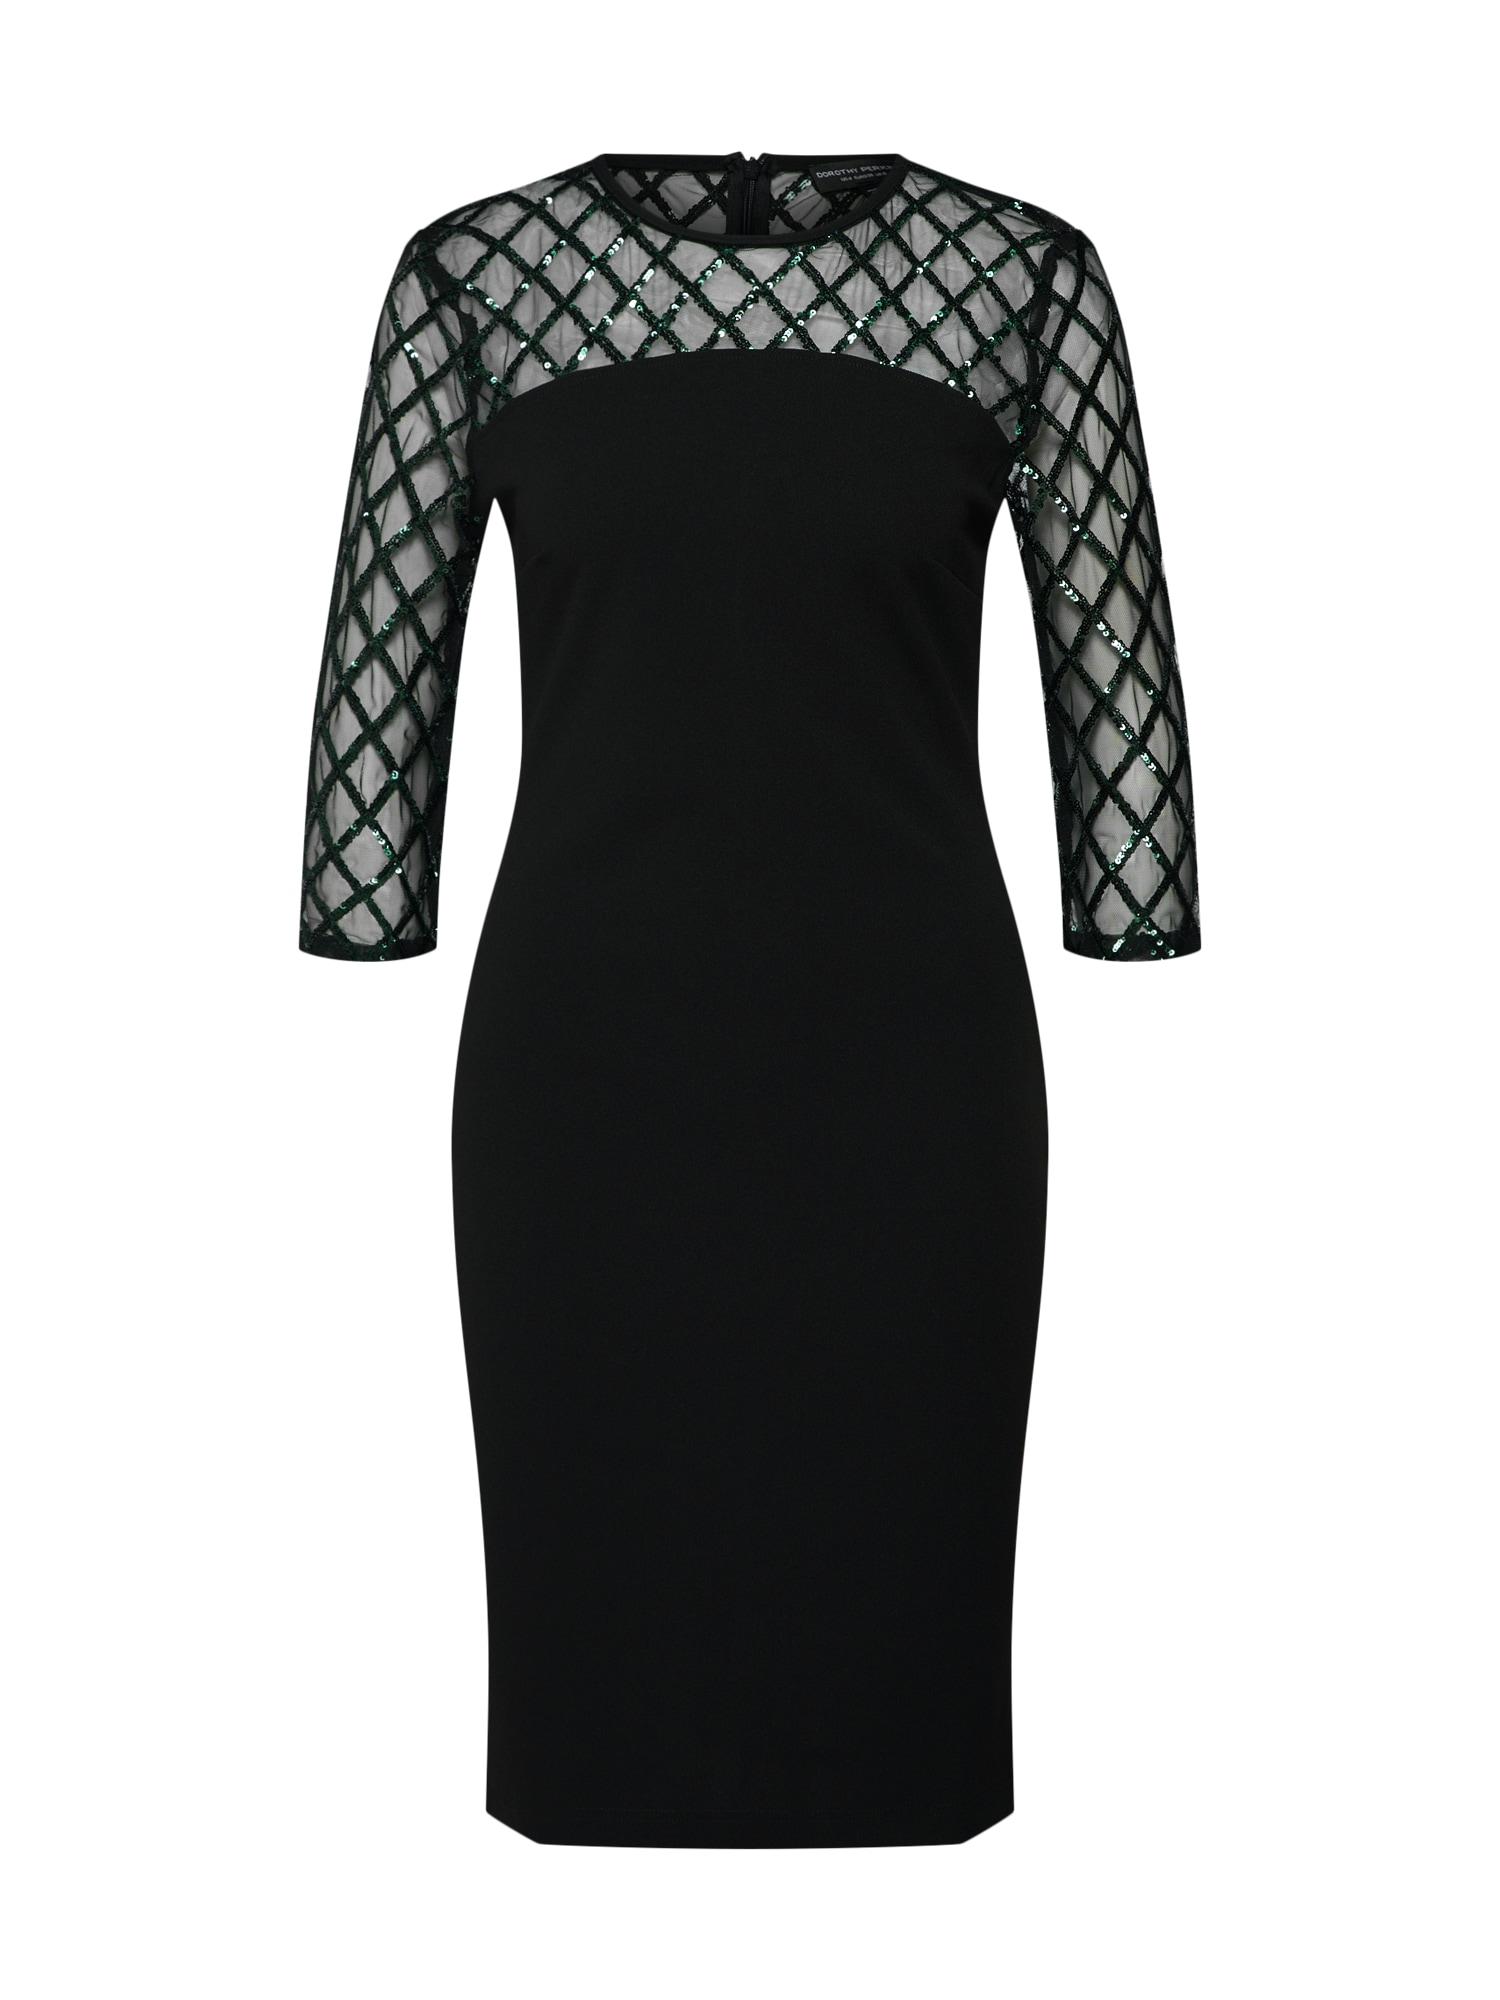 Koktejlové šaty DIAMOND černá Dorothy Perkins